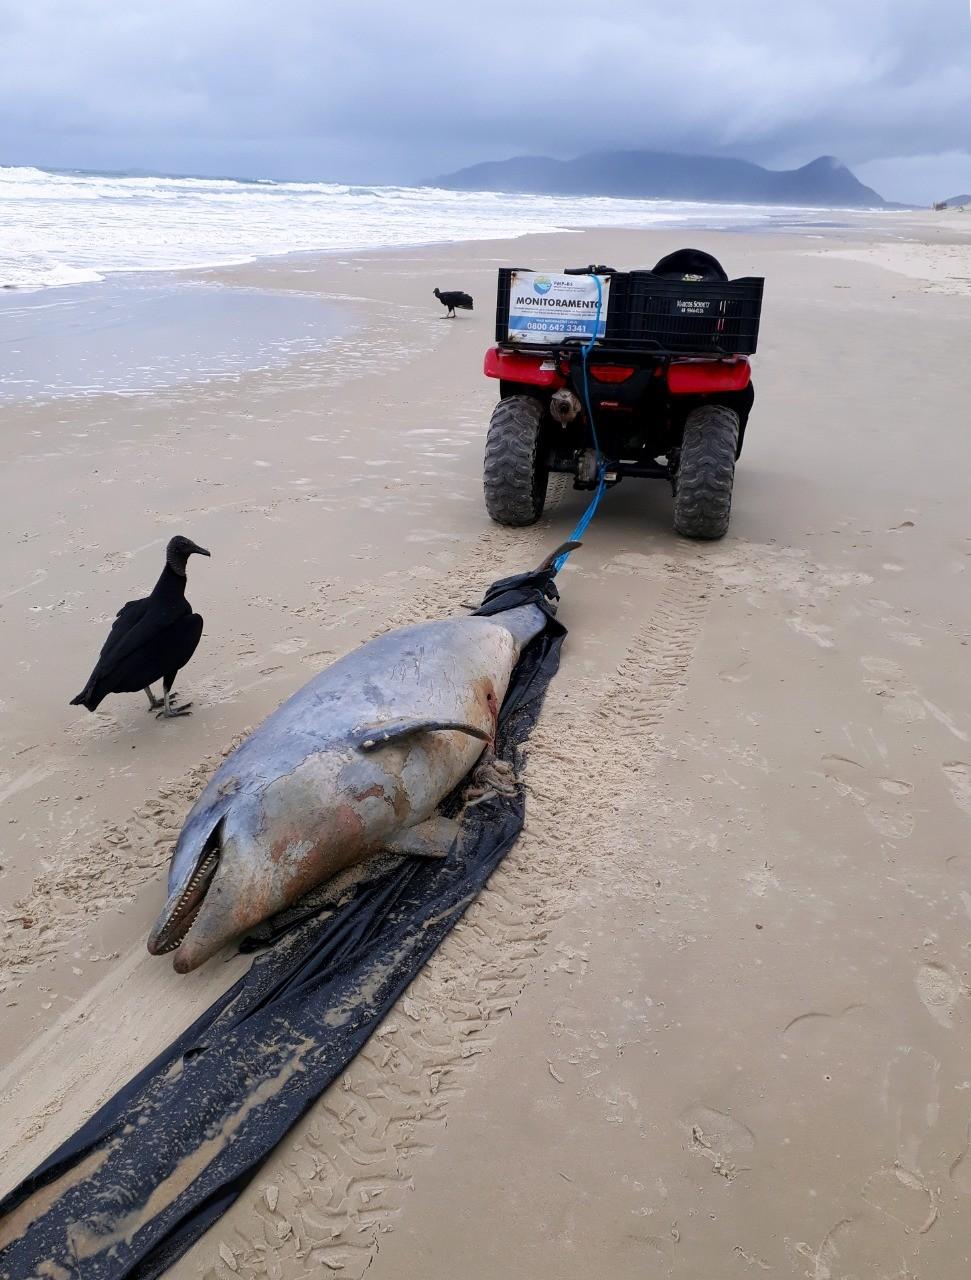 Golfinho é encontrado morto na Praia do Campeche, em Florianópolis - Notícias - Plantão Diário